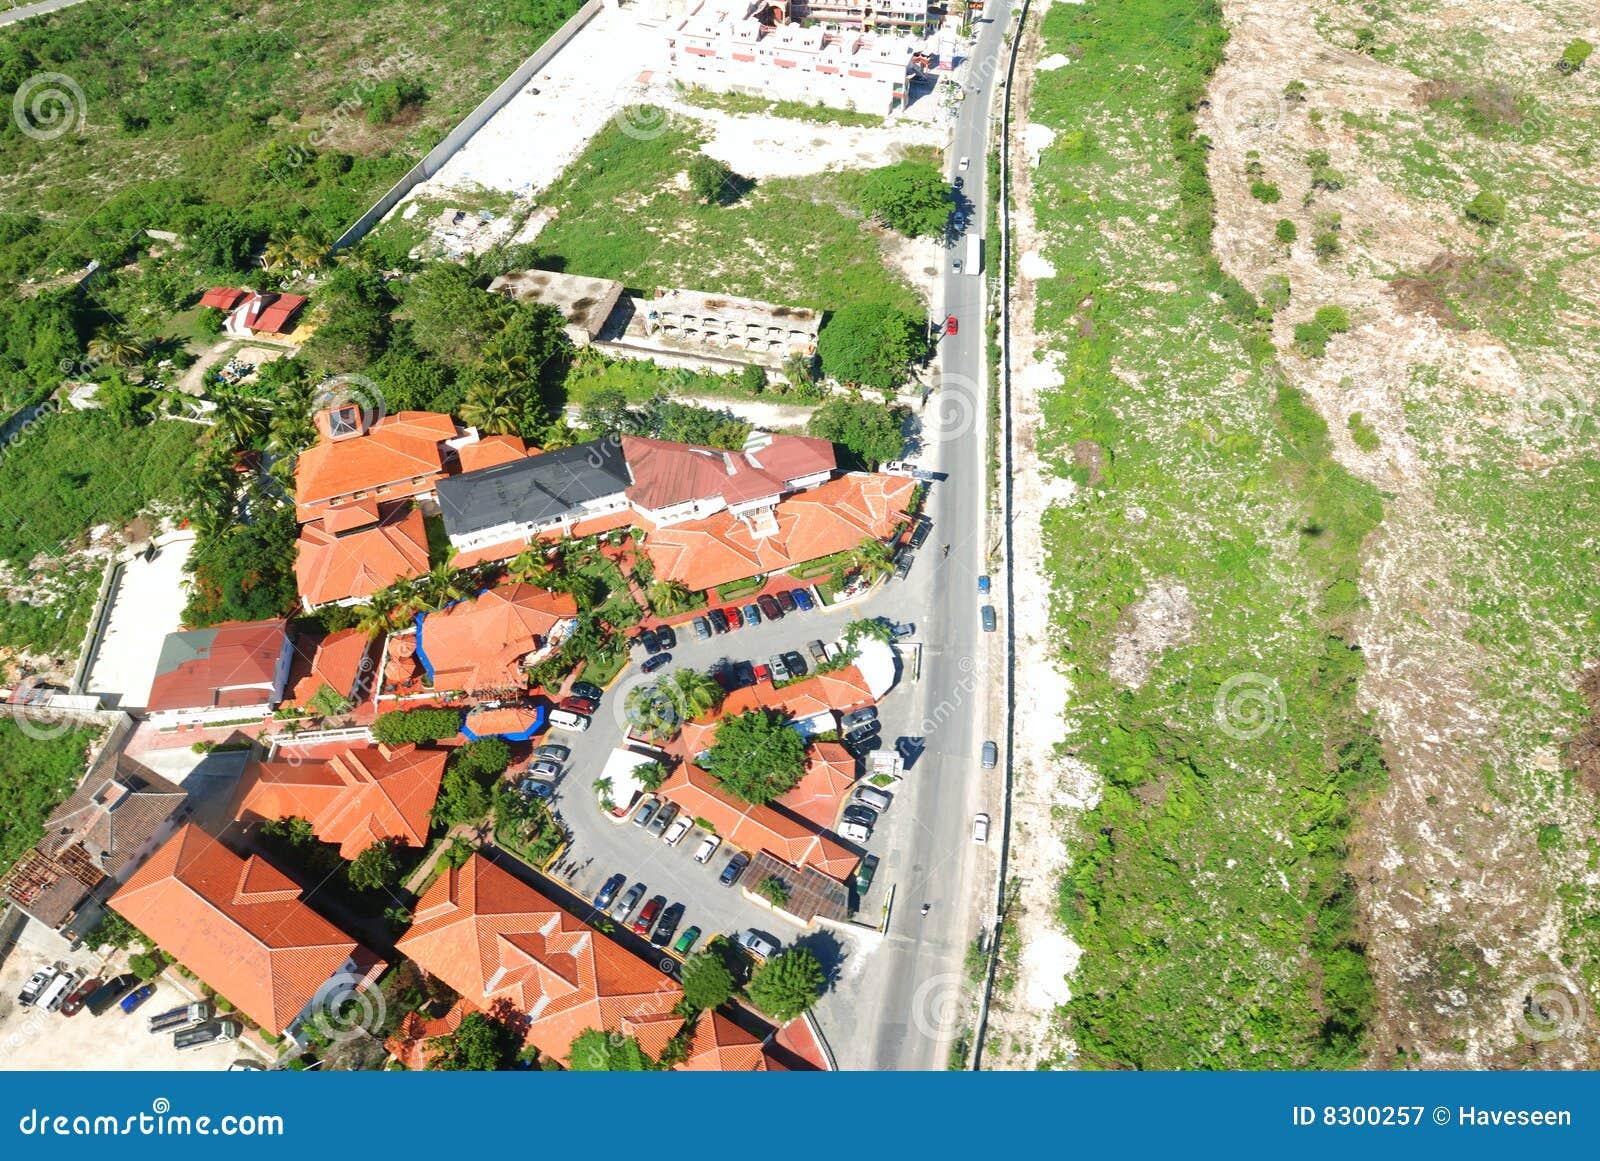 εναέρια κατοικημένη όψη περιοχής